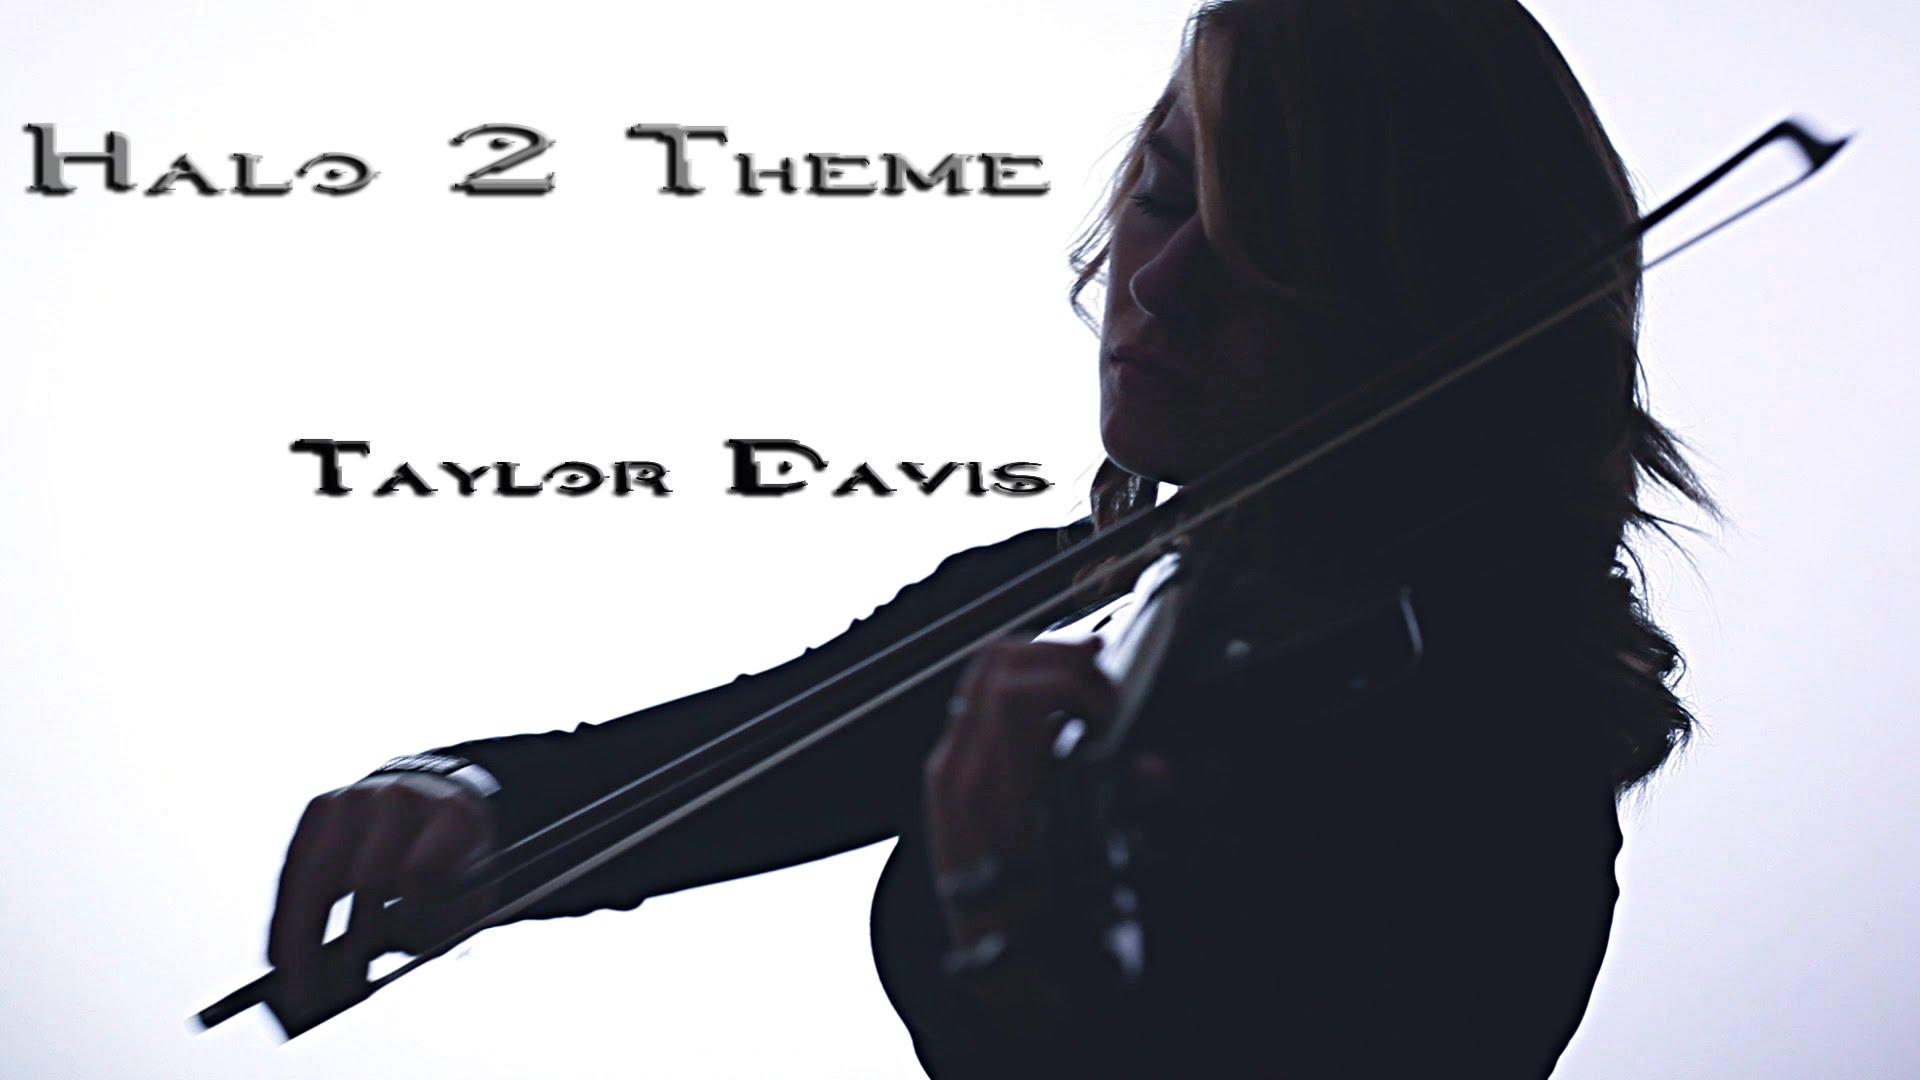 Halo 2 Theme cover por Taylor Davis